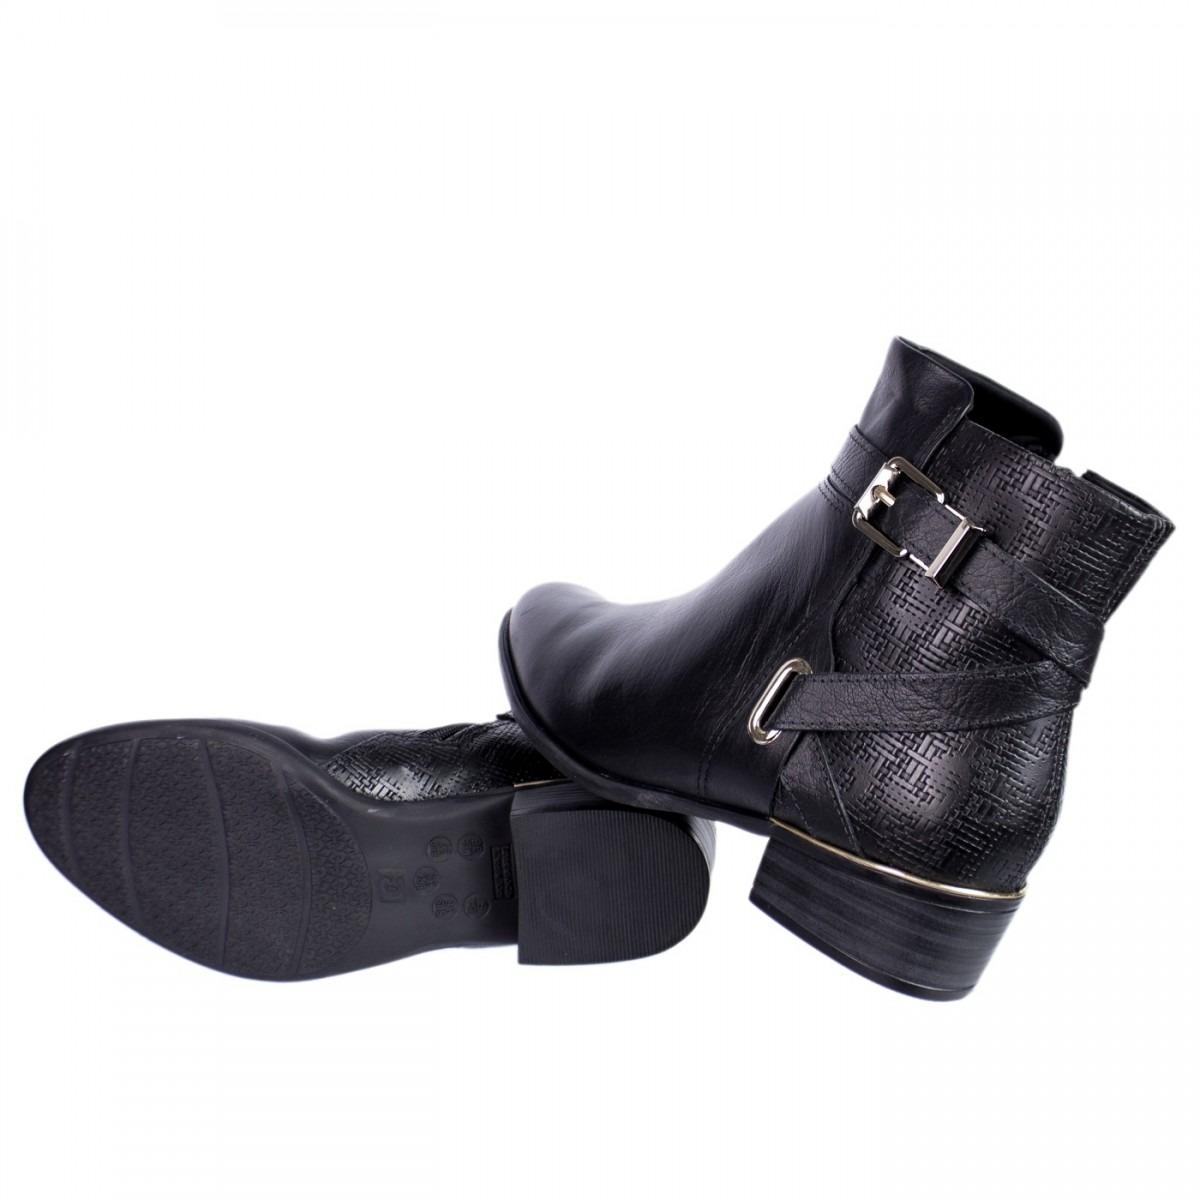 4997b1d097 bota feminina comfortflex cano curto 69302 original - bizz. Carregando zoom.